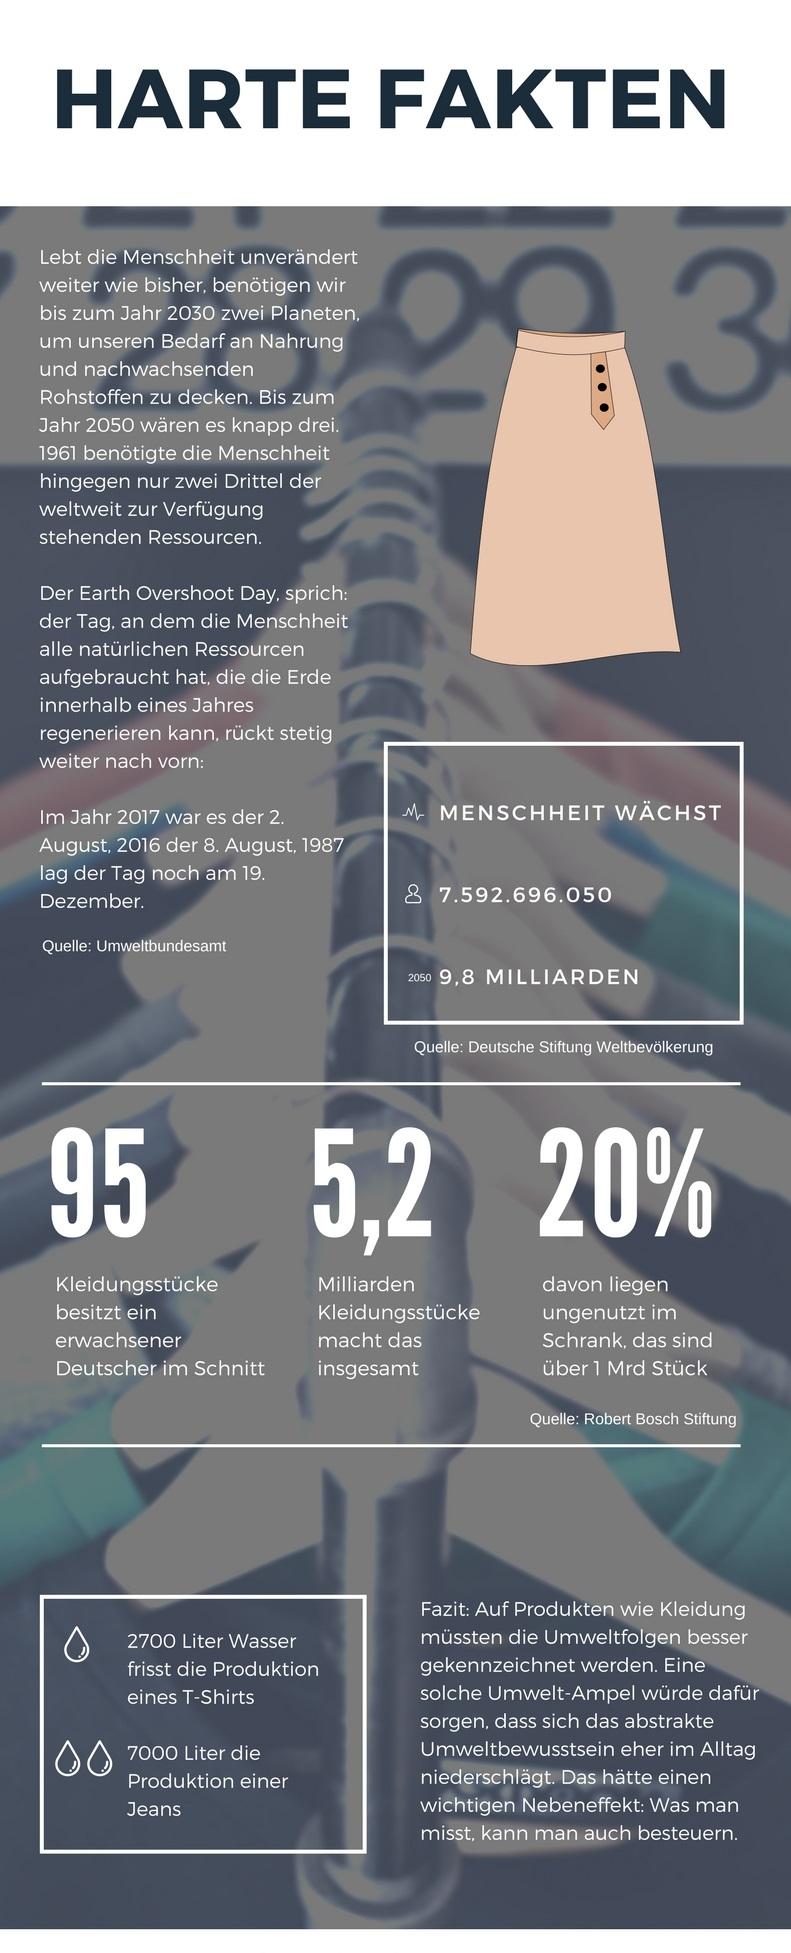 Minimalistischer Kleiderschrank - Infografik mit Fakten